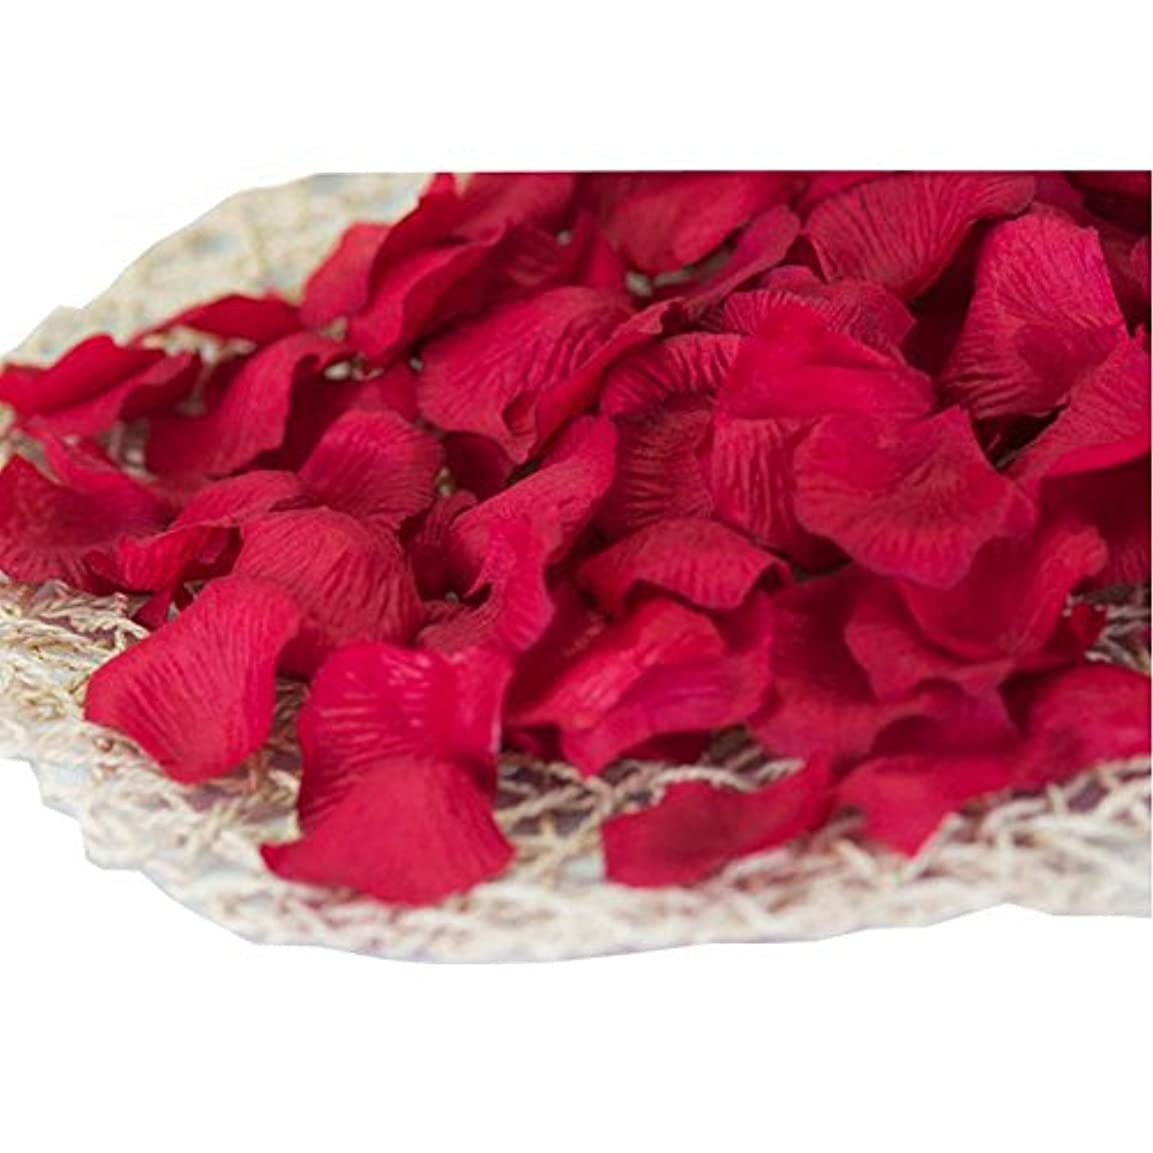 言うまでもなくファイバ宇宙飛行士840の結婚式のための暗赤色の人工ローズフラワーの花びら